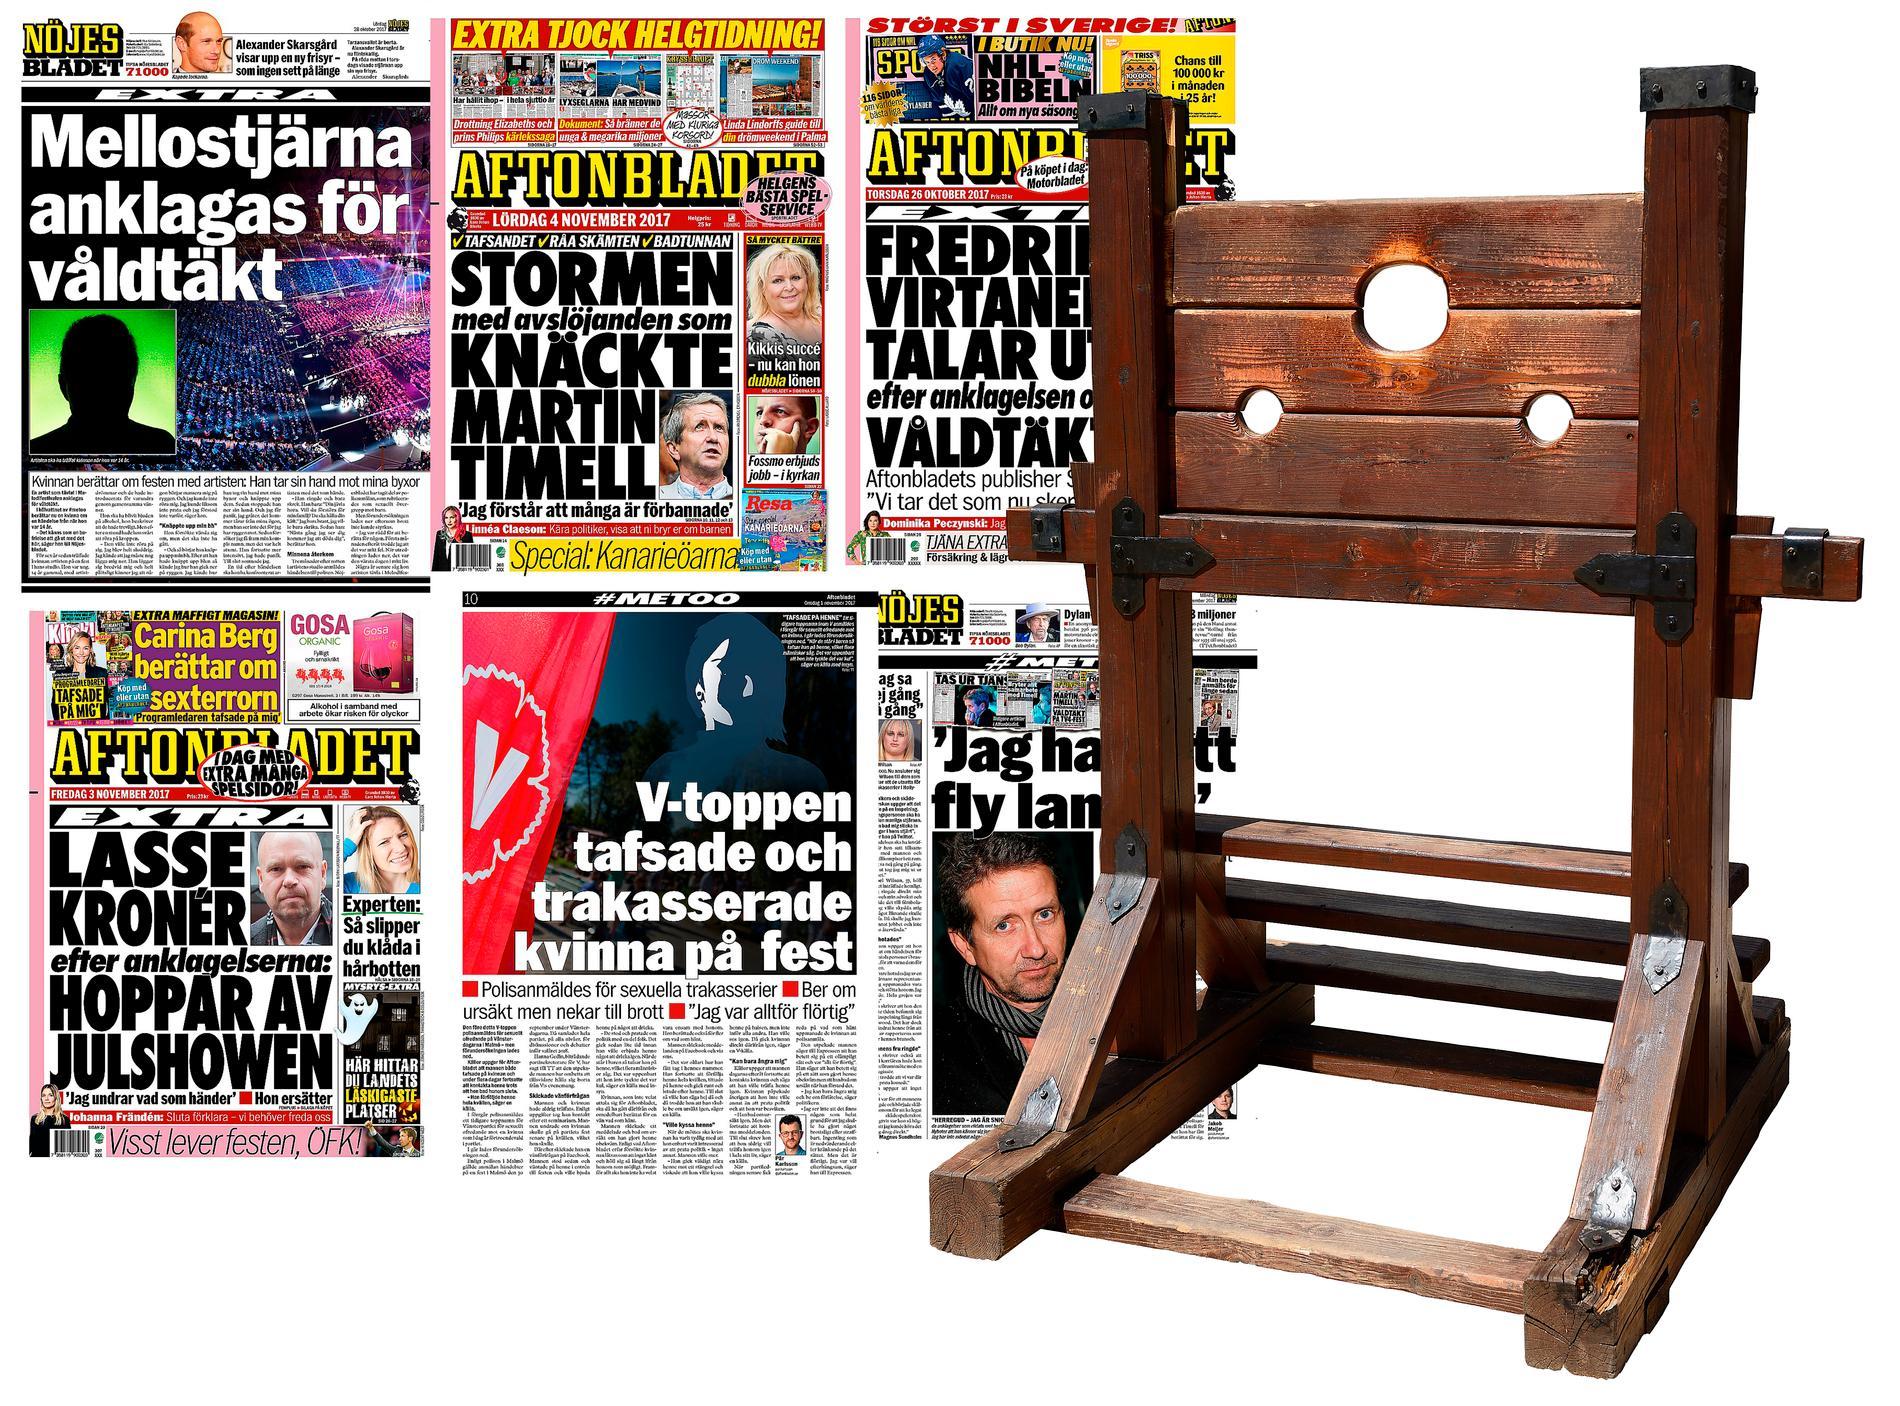 Skamstraff då och nu. Flera kända svenskar har hängts ut i dagspress och sociala medier i anslutning till #metoo-kampanjen. Stupstocken var äldre tiders skamstraff.